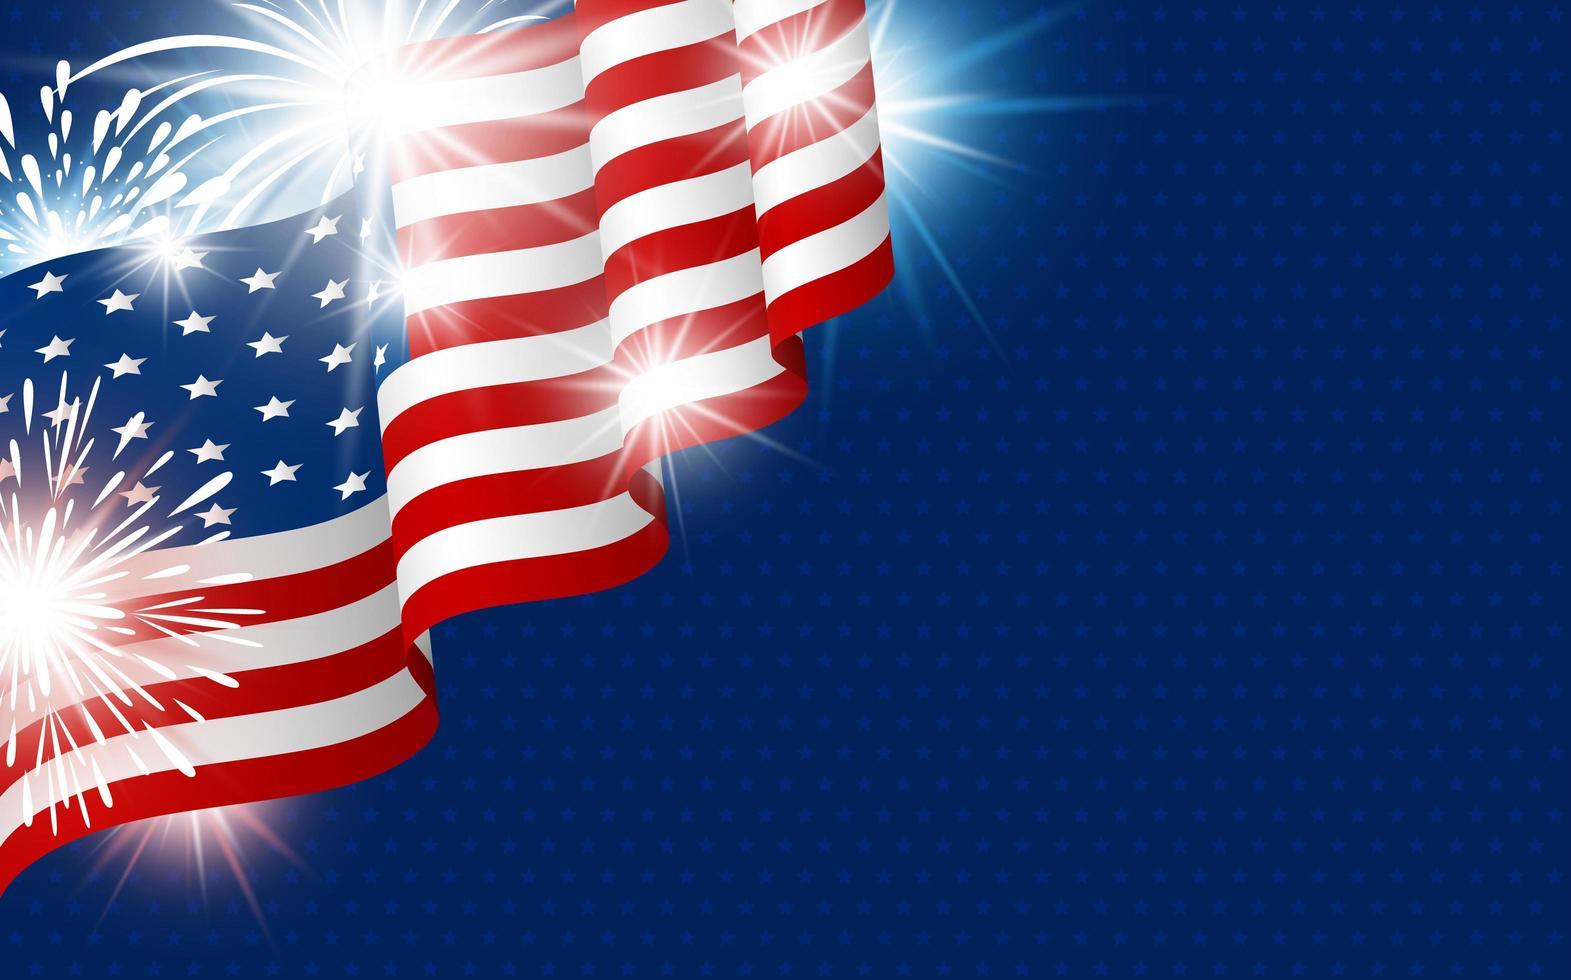 USA-Flagge mit Feuerwerk auf Sternmuster vektor